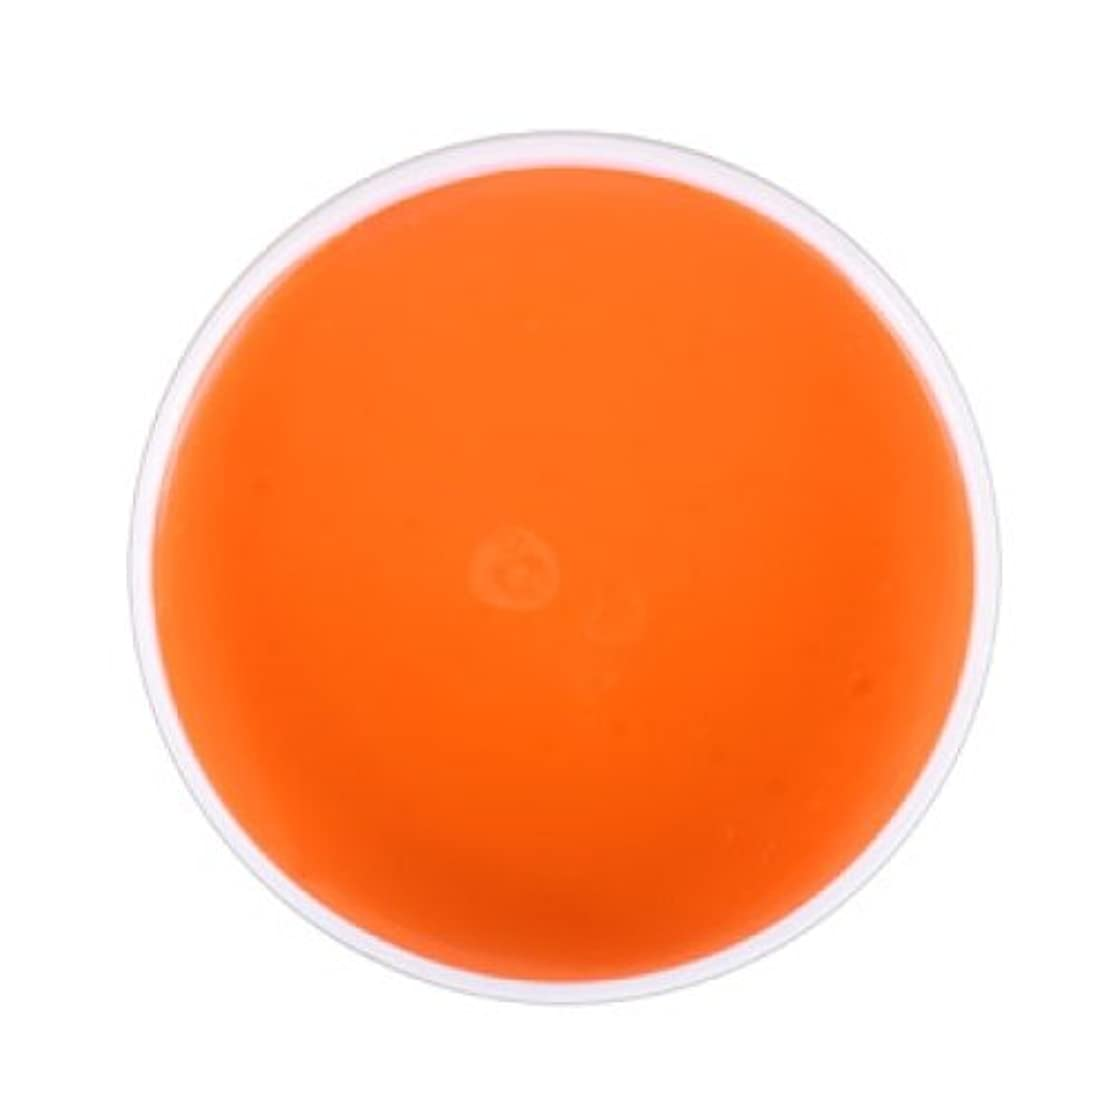 借りているトランスミッション一致するmehron Color Cups Face and Body Paint - Orange (並行輸入品)